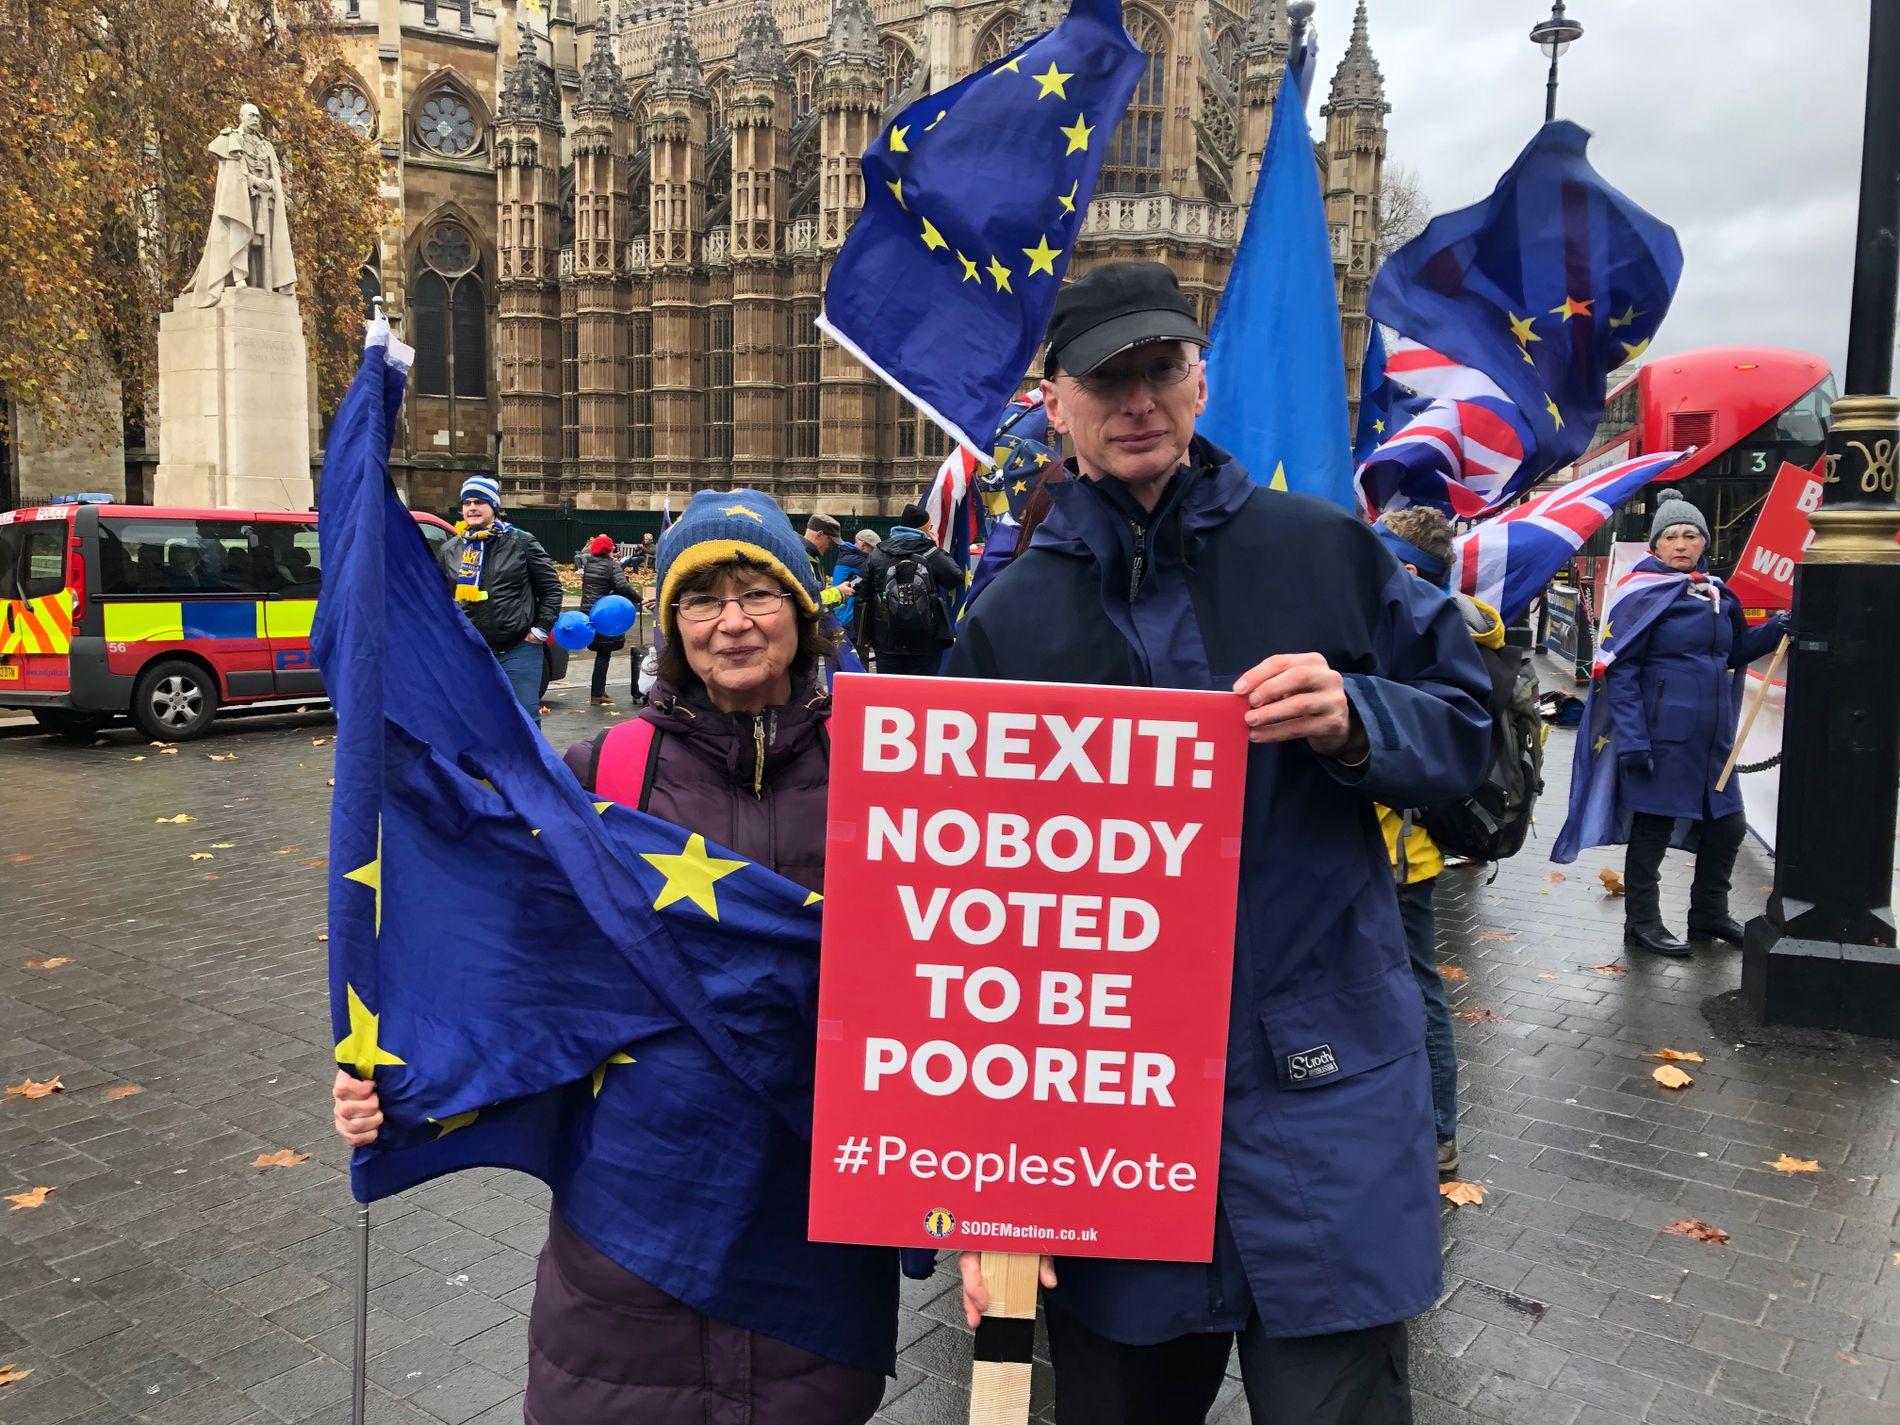 MISNØYE:  Frances Alexander og Nigel Spears viser sin misnøye med at Storbritannia skal bryte med EU, utenfor parlamentet i London onsdag ettermiddag.